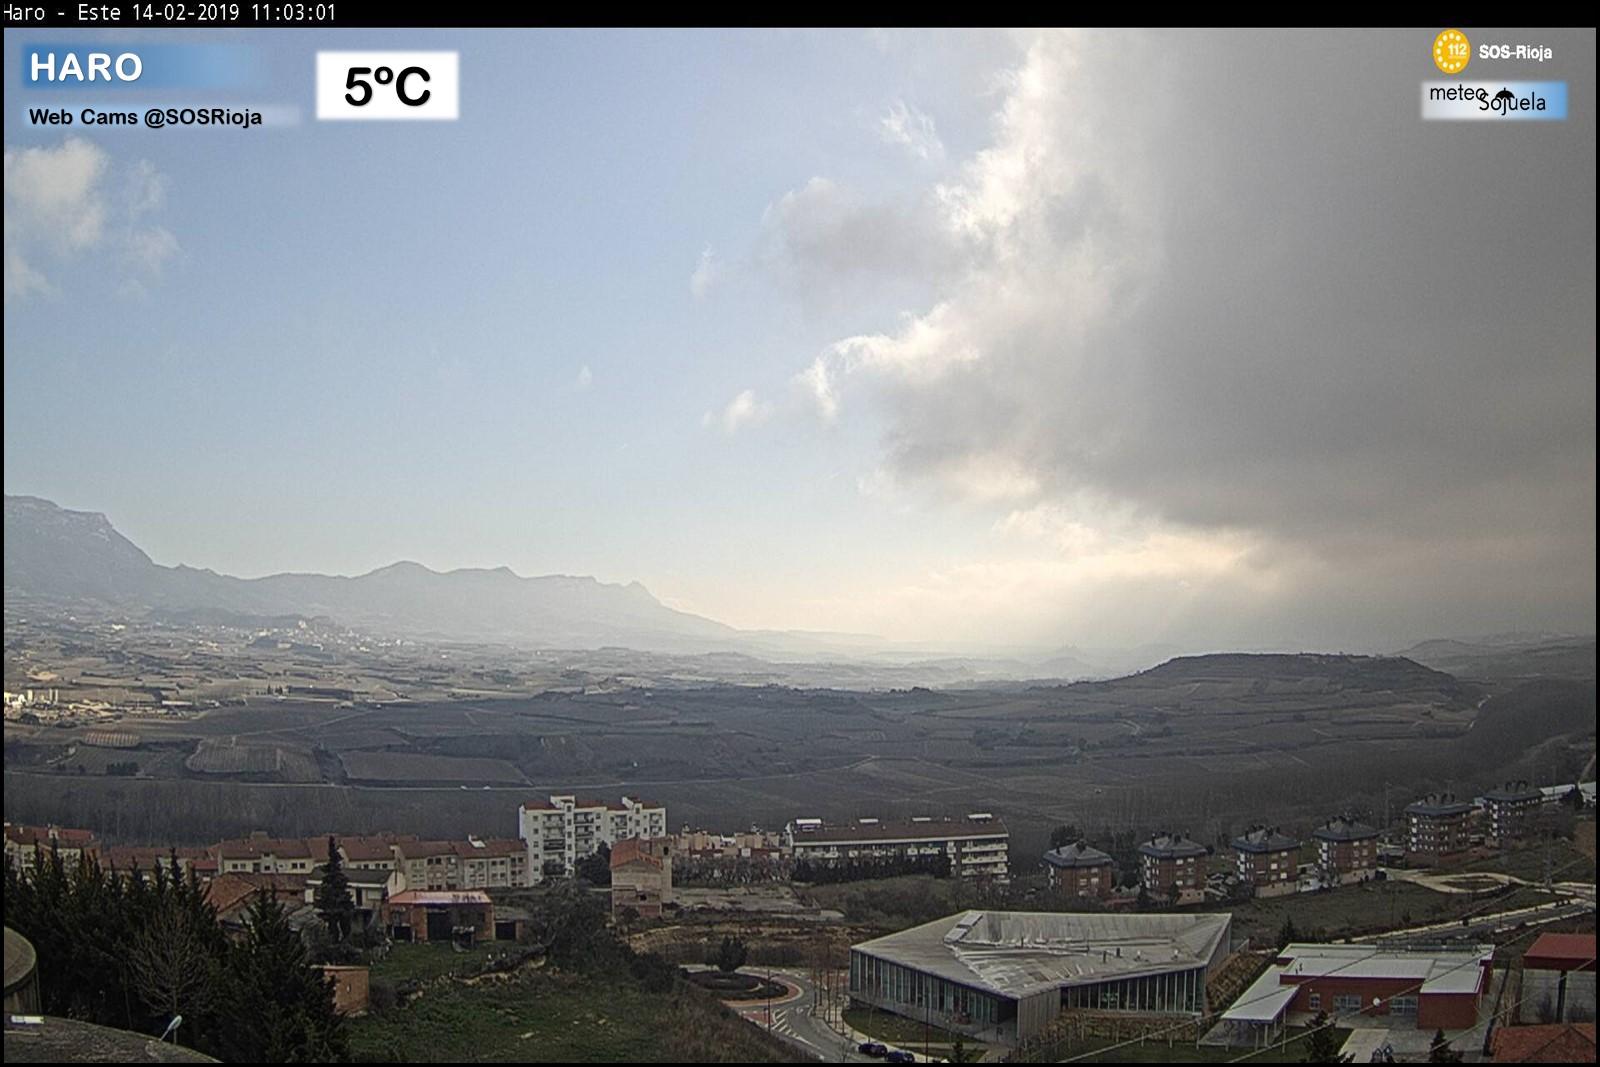 Nieblas estacion SOS Rioja Haro. Meteosojuela